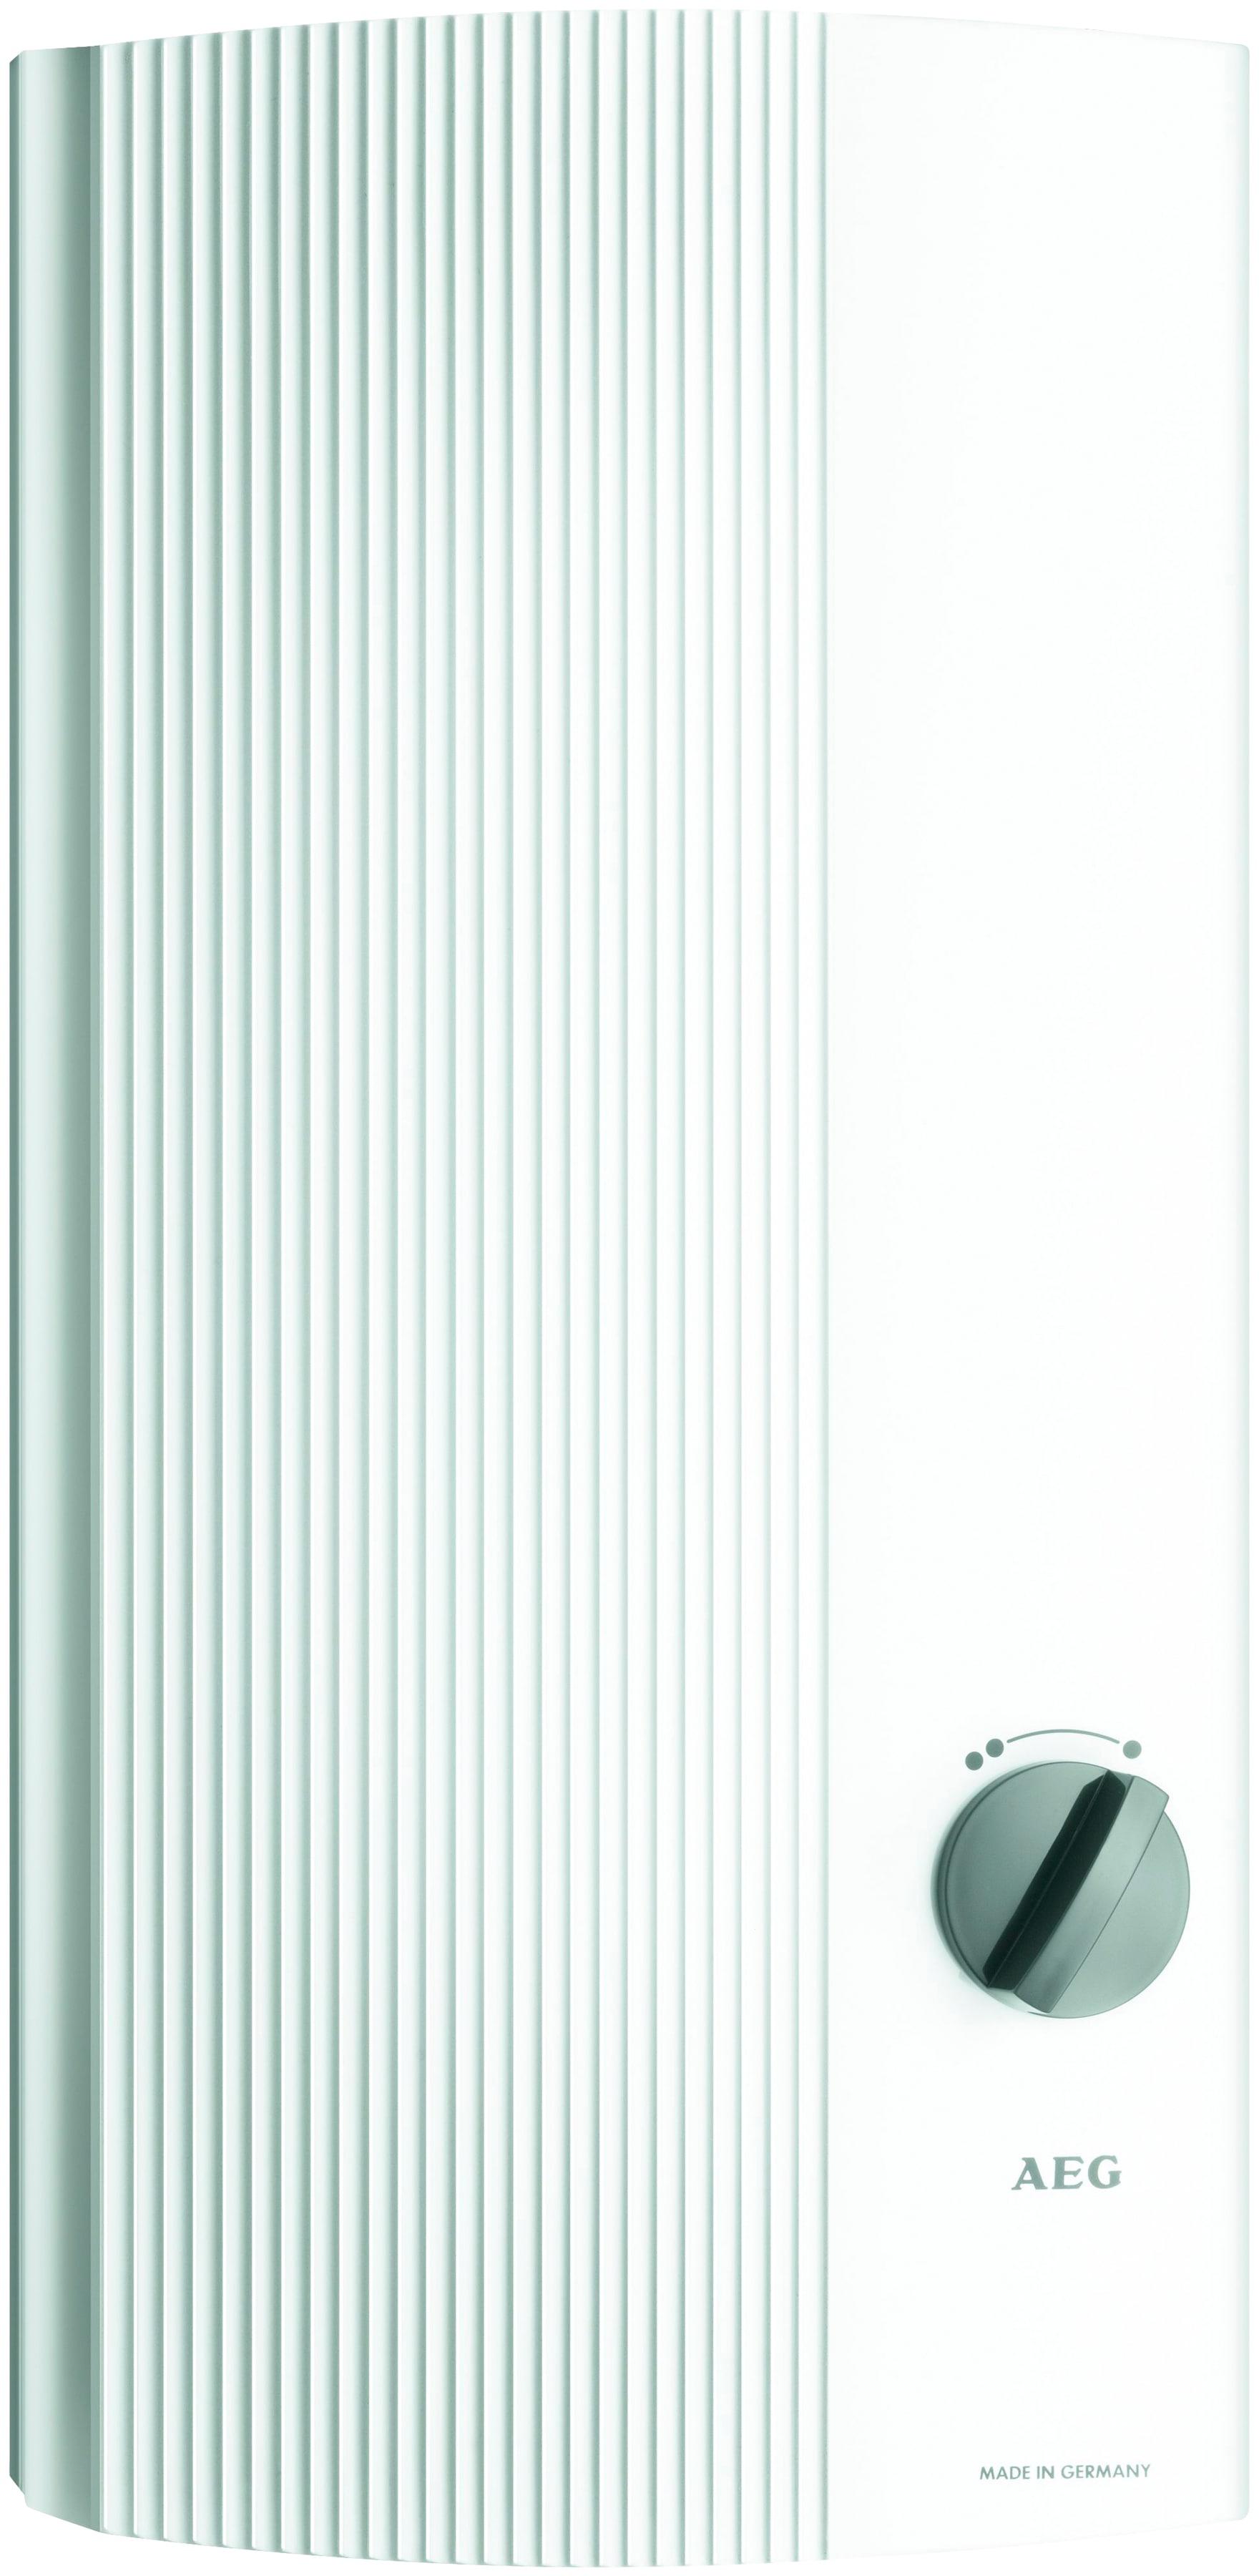 AEG Durchlauferhitzer »DDL PinControl 24«   Baumarkt > Heizung und Klima > Durchlauferhitzer   AEG